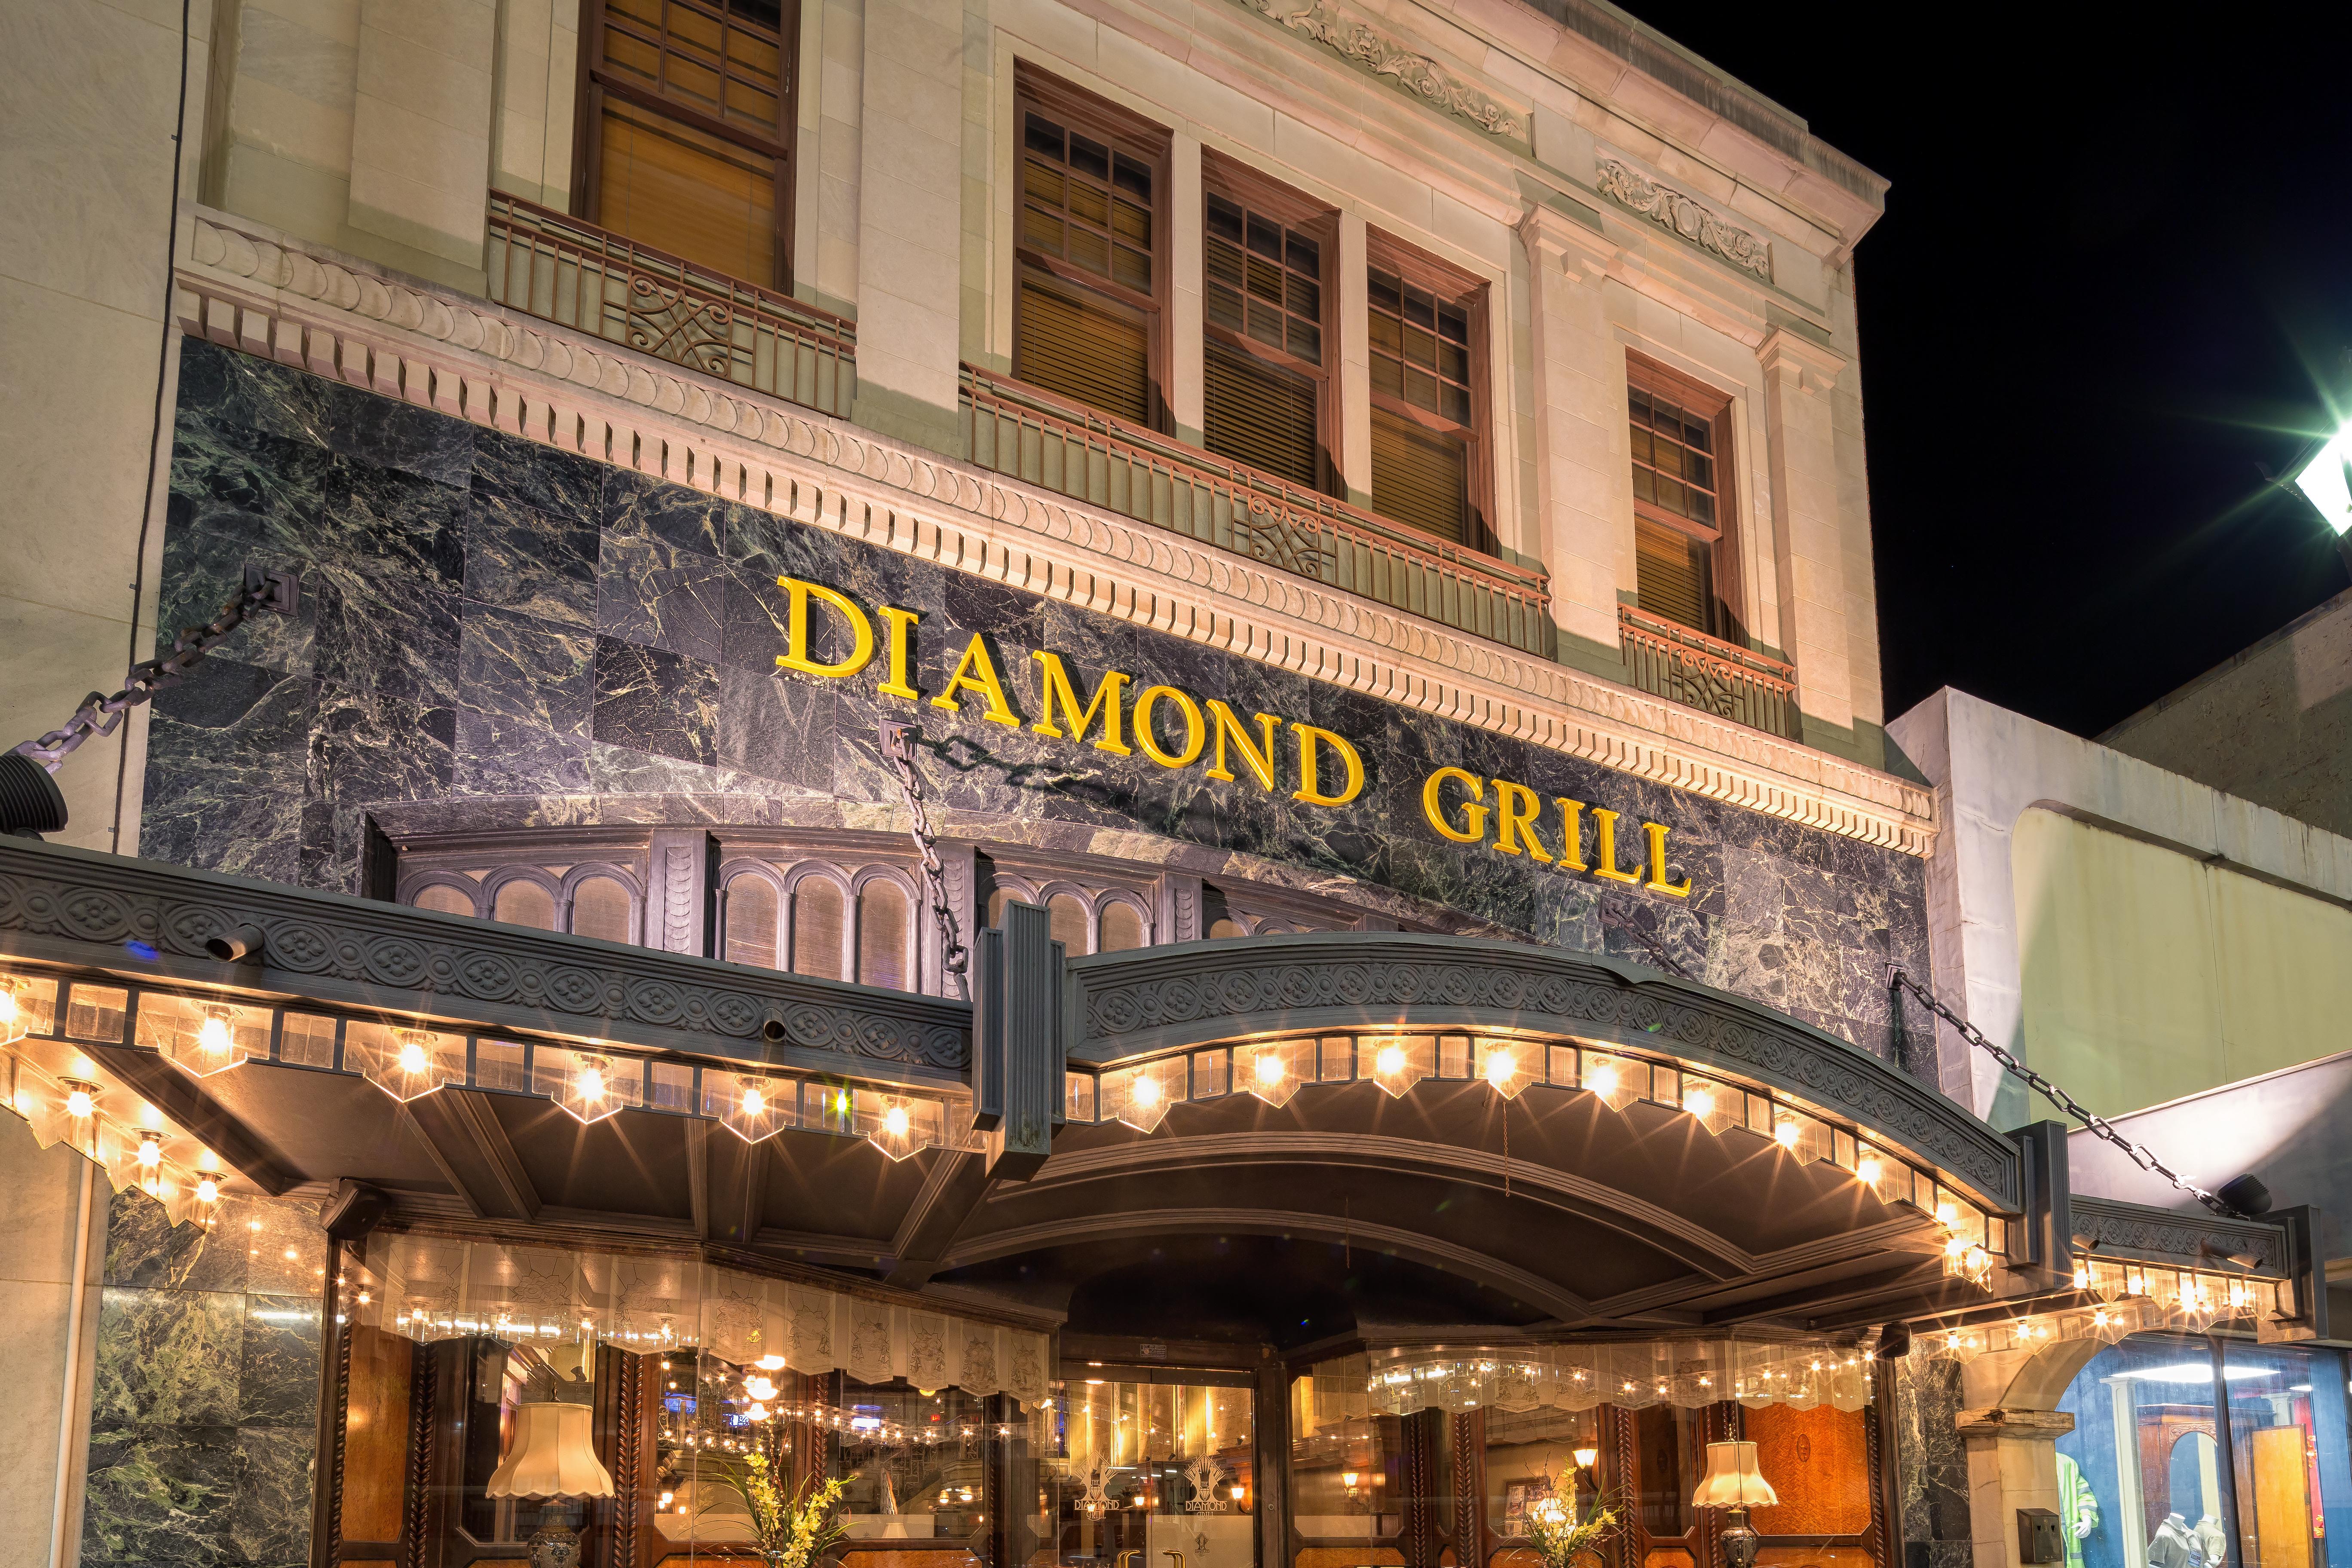 Diamond Grill 15356